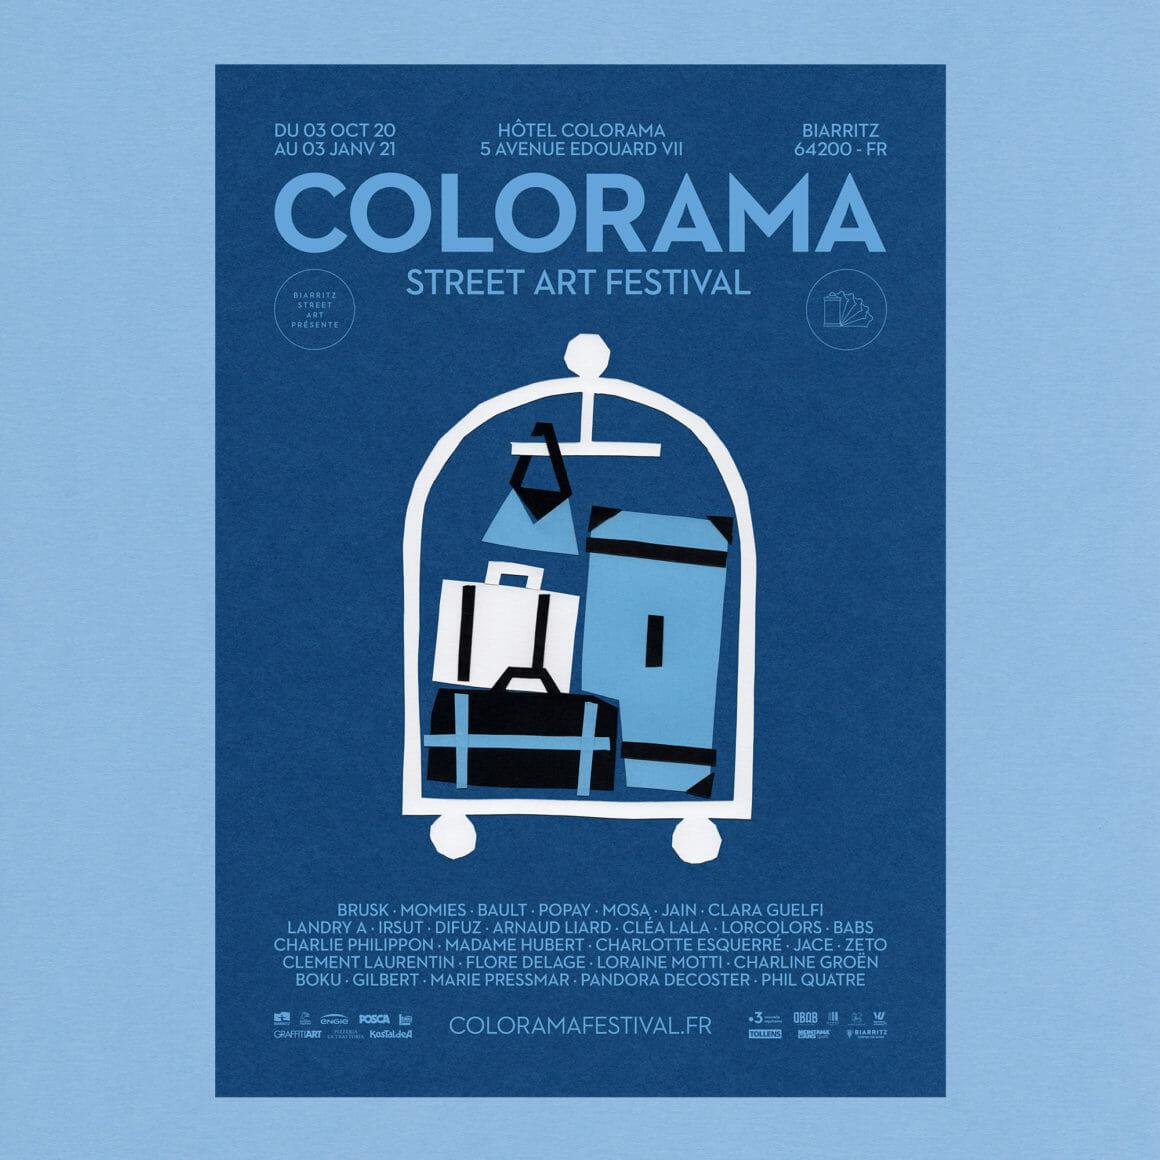 L'affiche de la 5ème édition du Colorama Steet Art Festival de Biarritz